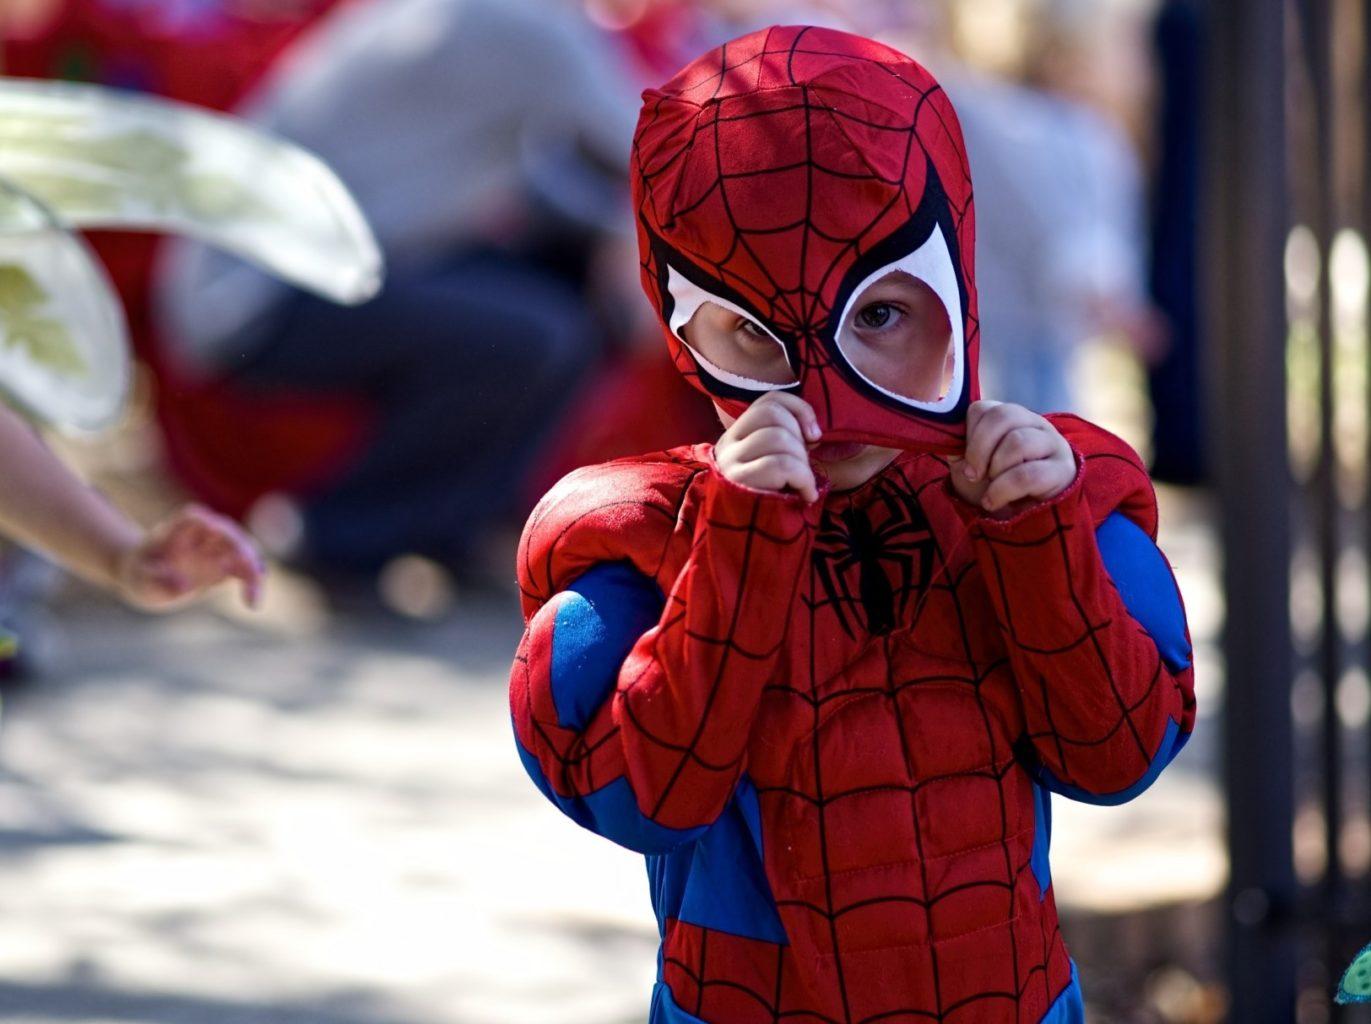 5-летний мальчик похвастал в школе, что пробовал наркотики и чувствовал себя Человеком-пауком